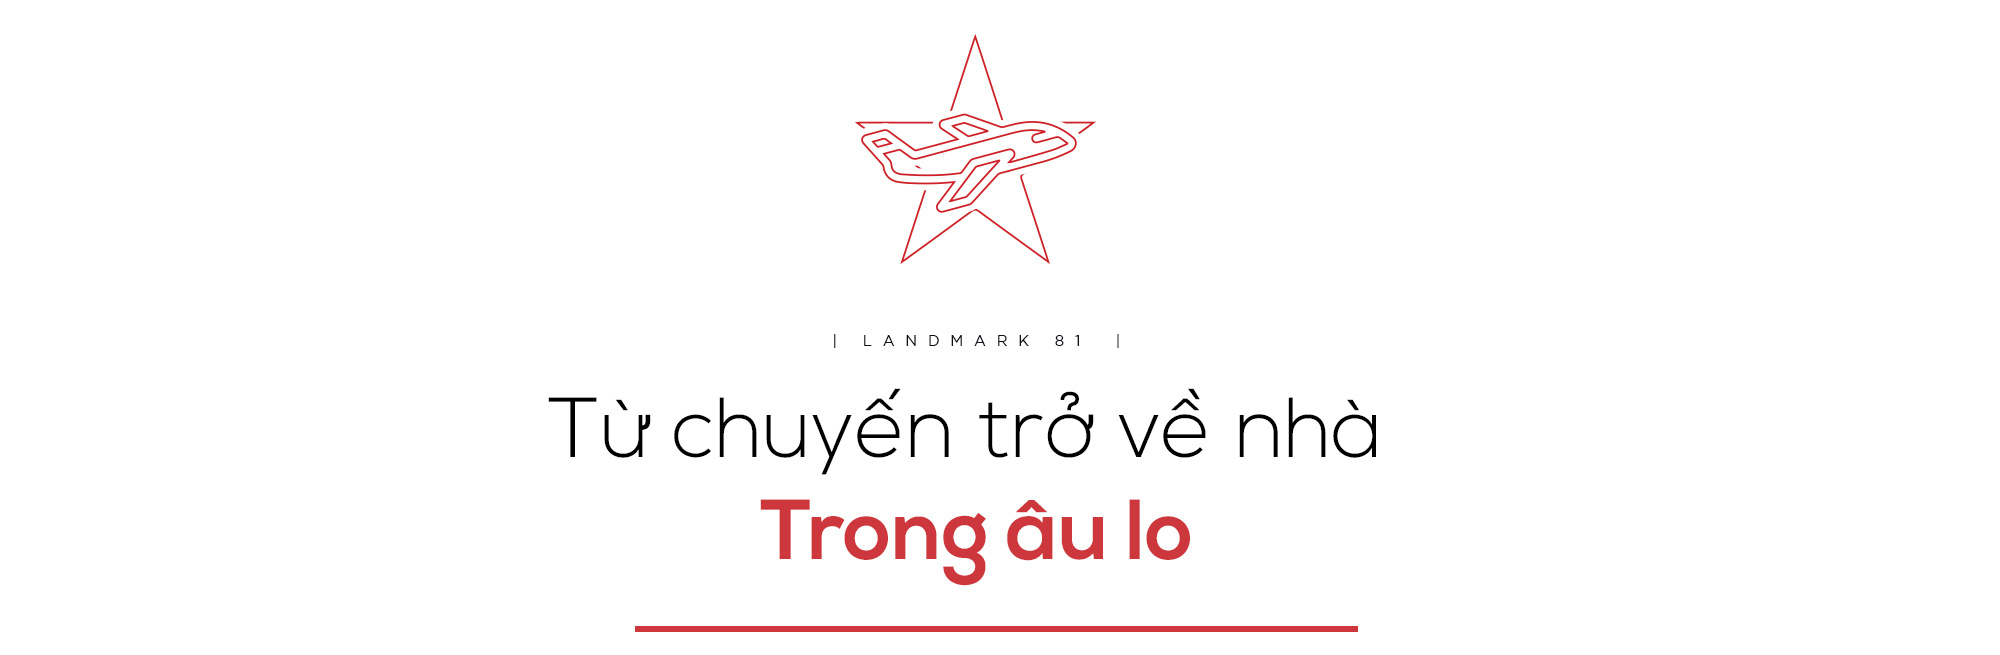 """Du học sinh về nhà hậu COVID-19: """"Việt Nam thân thương chắc chắn sẽ tiếp tục khiến chúng ta tự hào!"""" - Ảnh 2."""